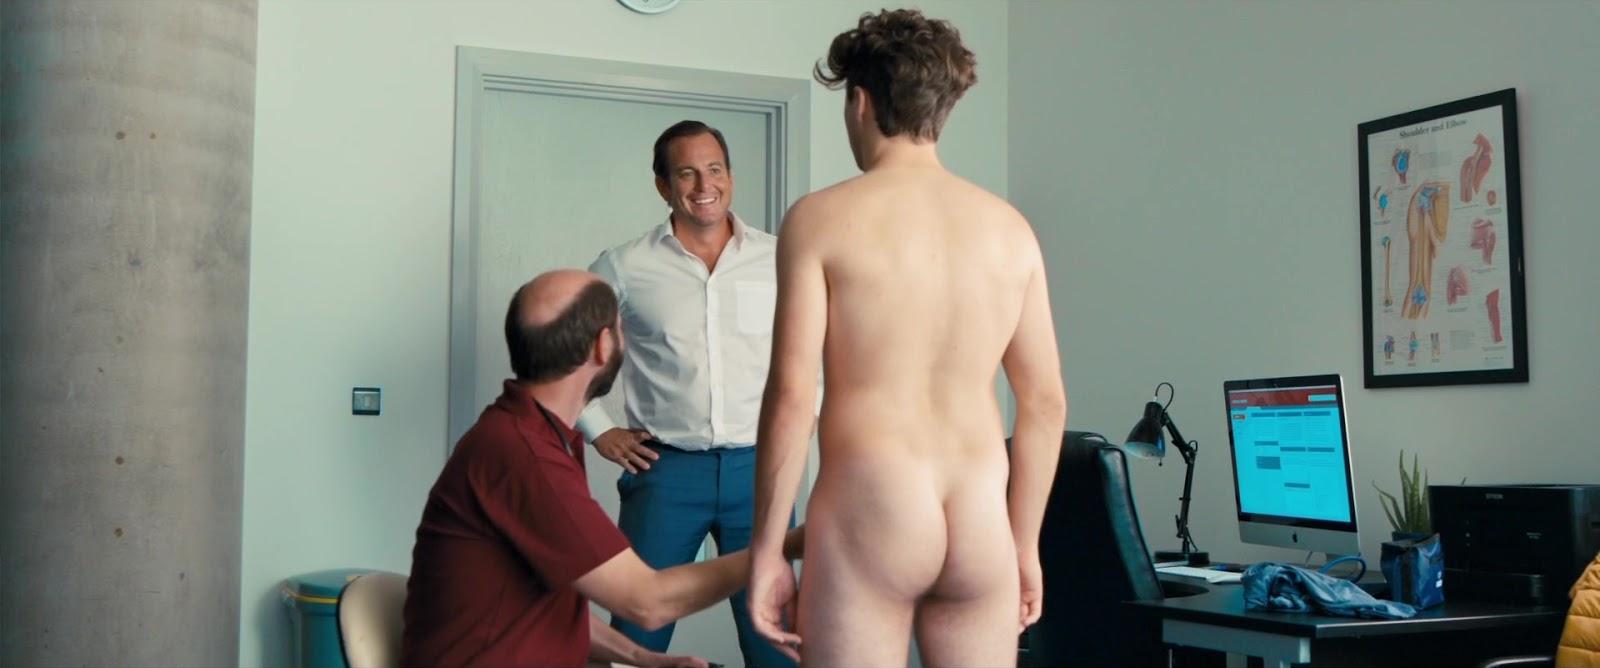 Gay Jake Short Naked